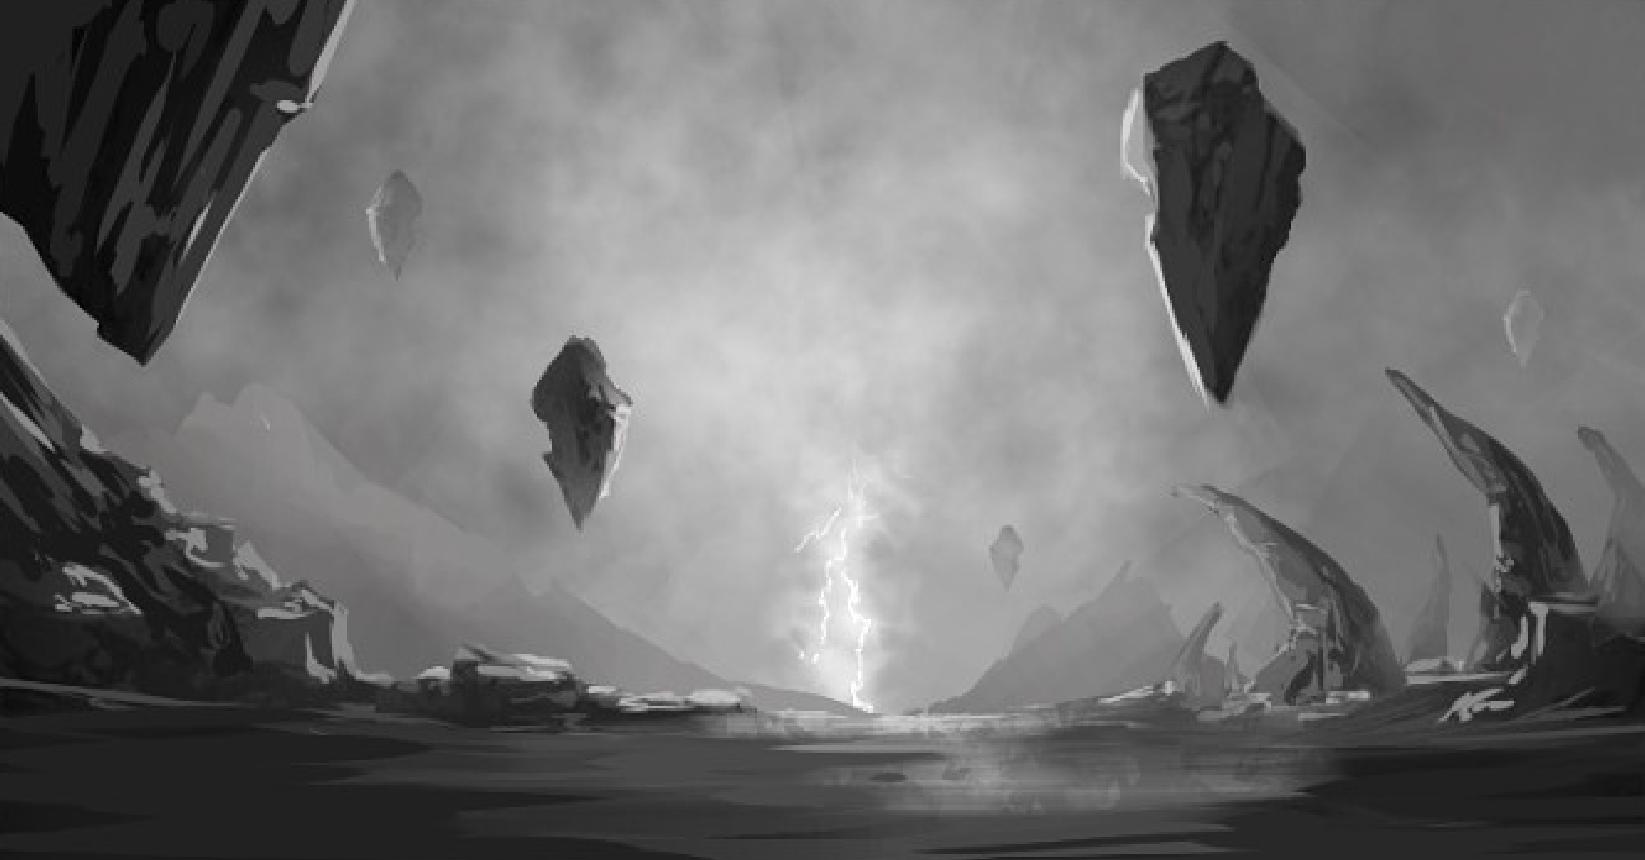 Prueba en grises ilustración Concurso de ilustración digital de la Tolosa Encounter 2017